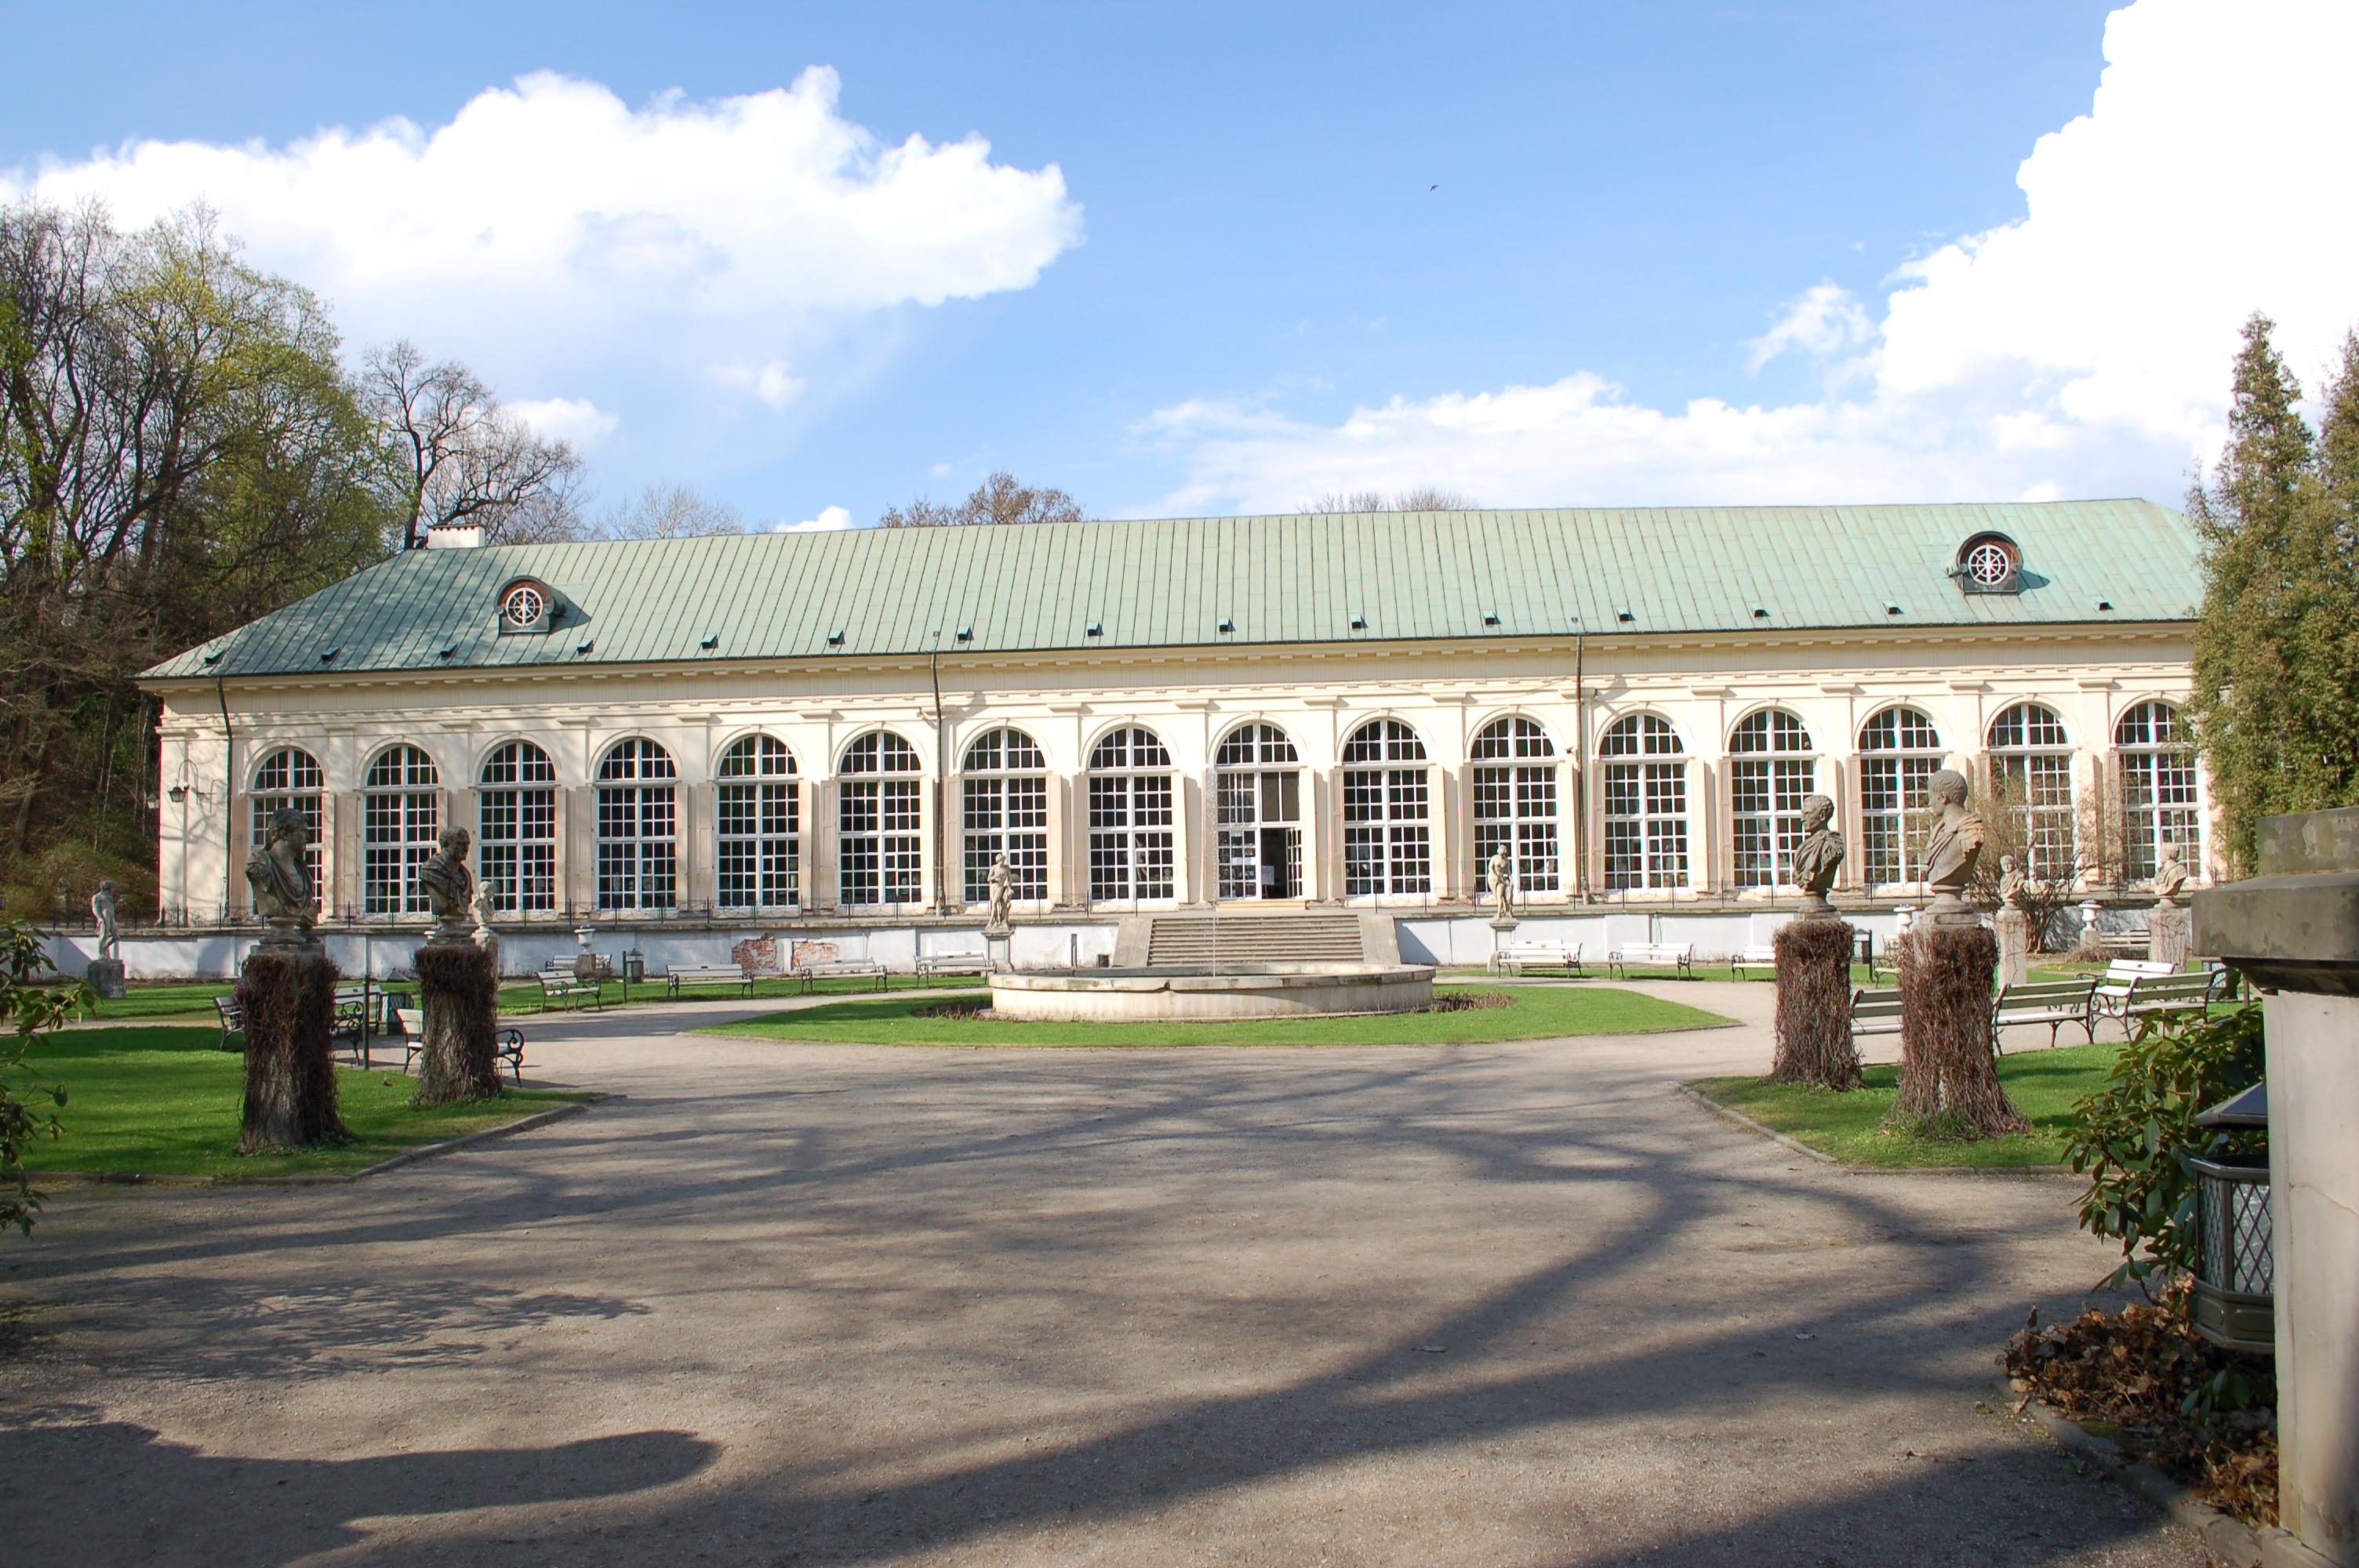 Filełazienki Park Warschau Dsc 1510jpg Wikimedia Commons